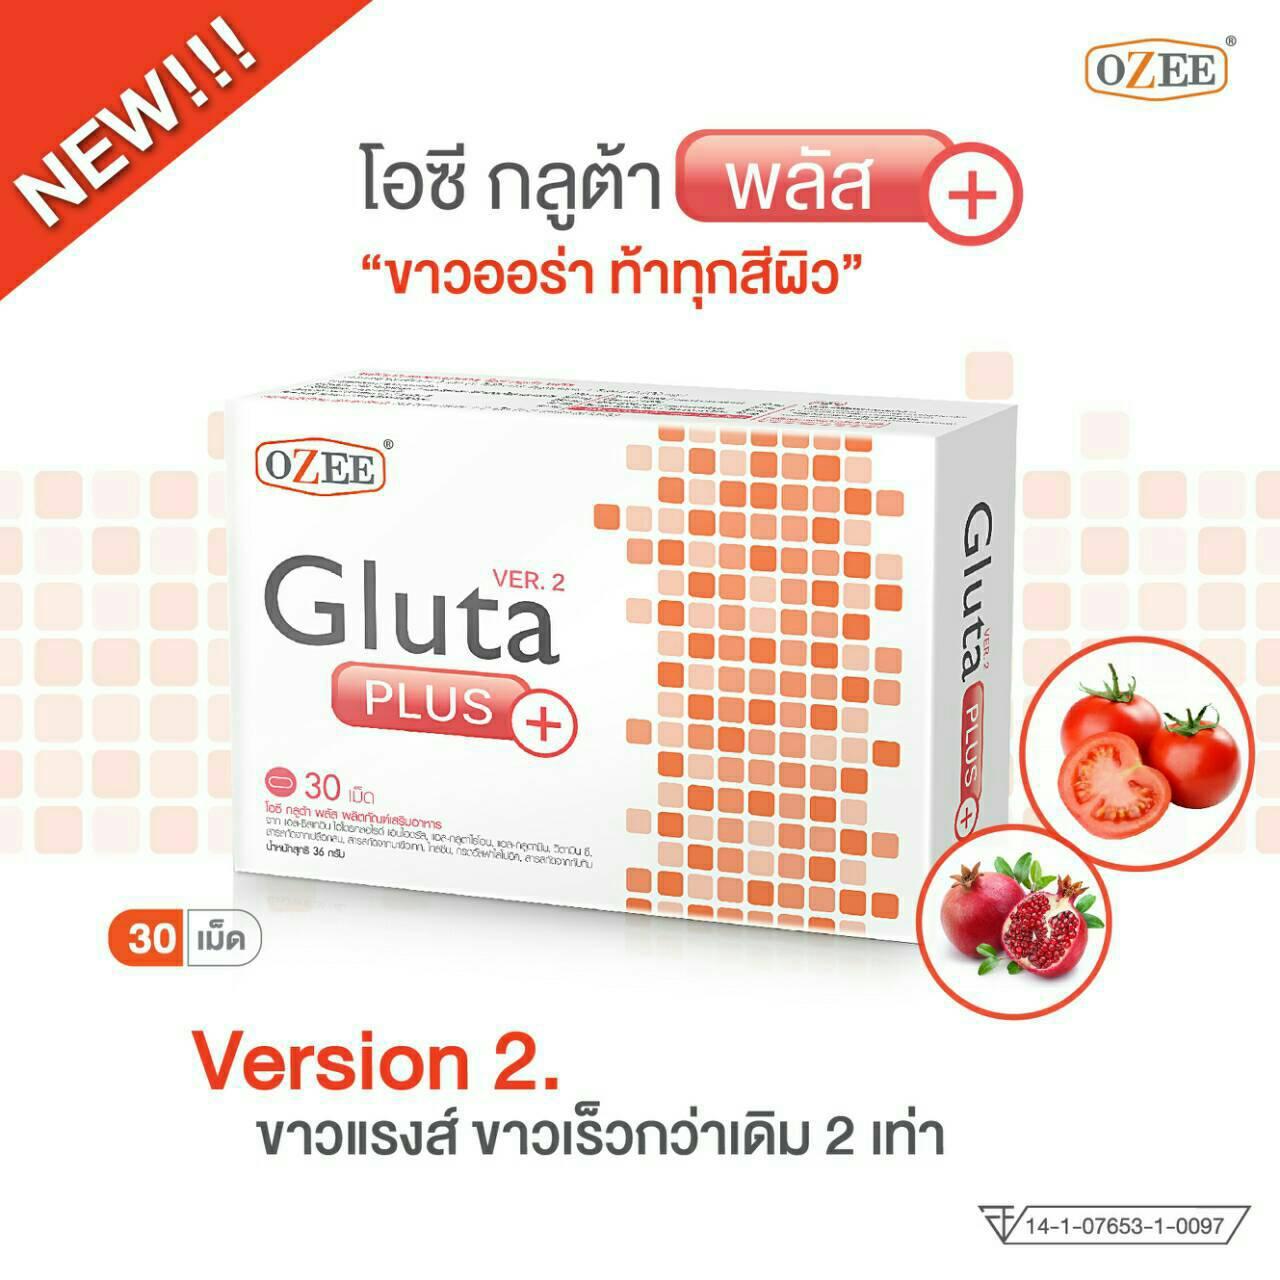 OZEE Gluta PLUS+ VER. 2 โอซี กลูต้า พลัส เวอร์ชั่น 2 ขาวแรง ขาวเร็วกว่าเดิม 2 เท่า